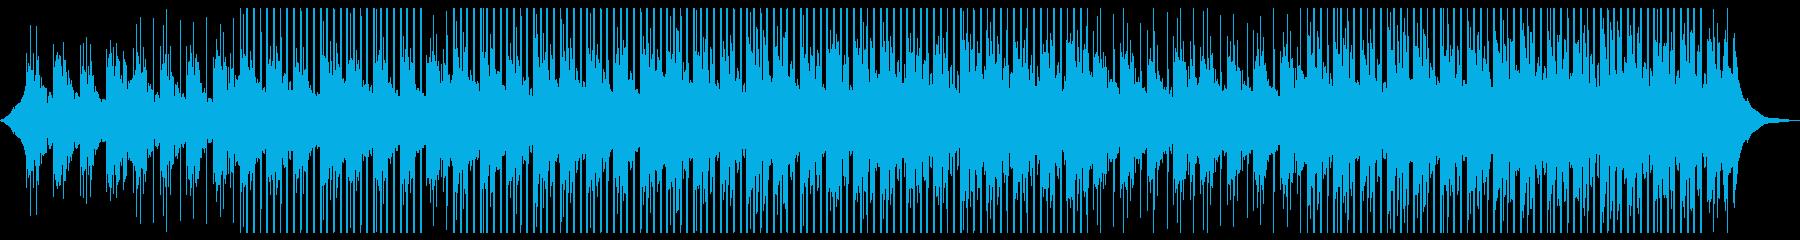 広告バックグラウンドミュージックの再生済みの波形